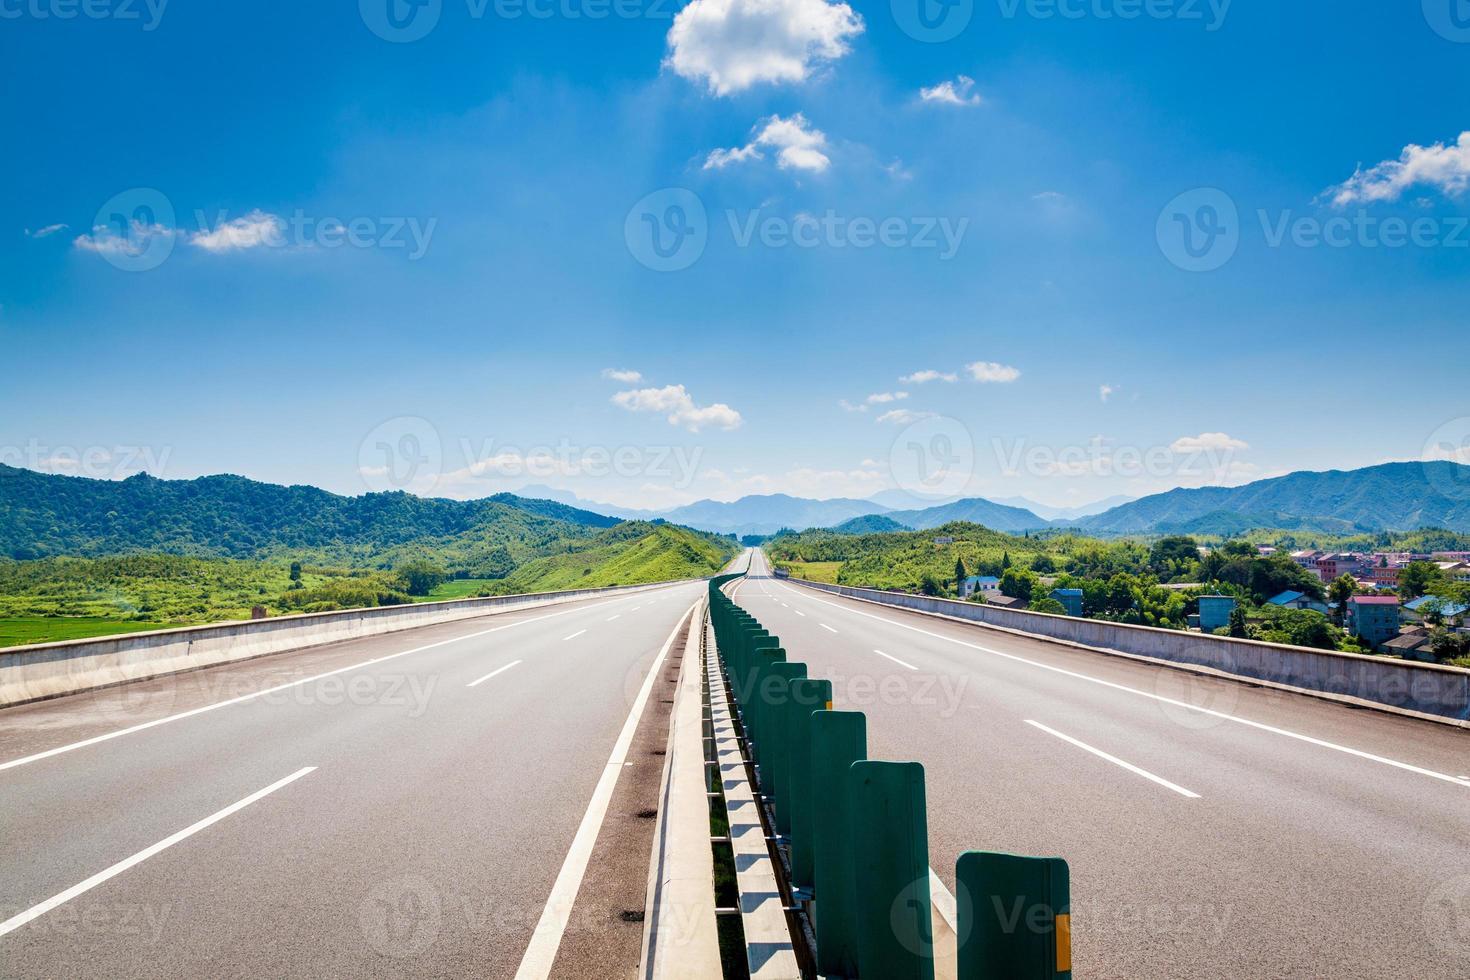 motorväg, blå himmel, soligt väder foto